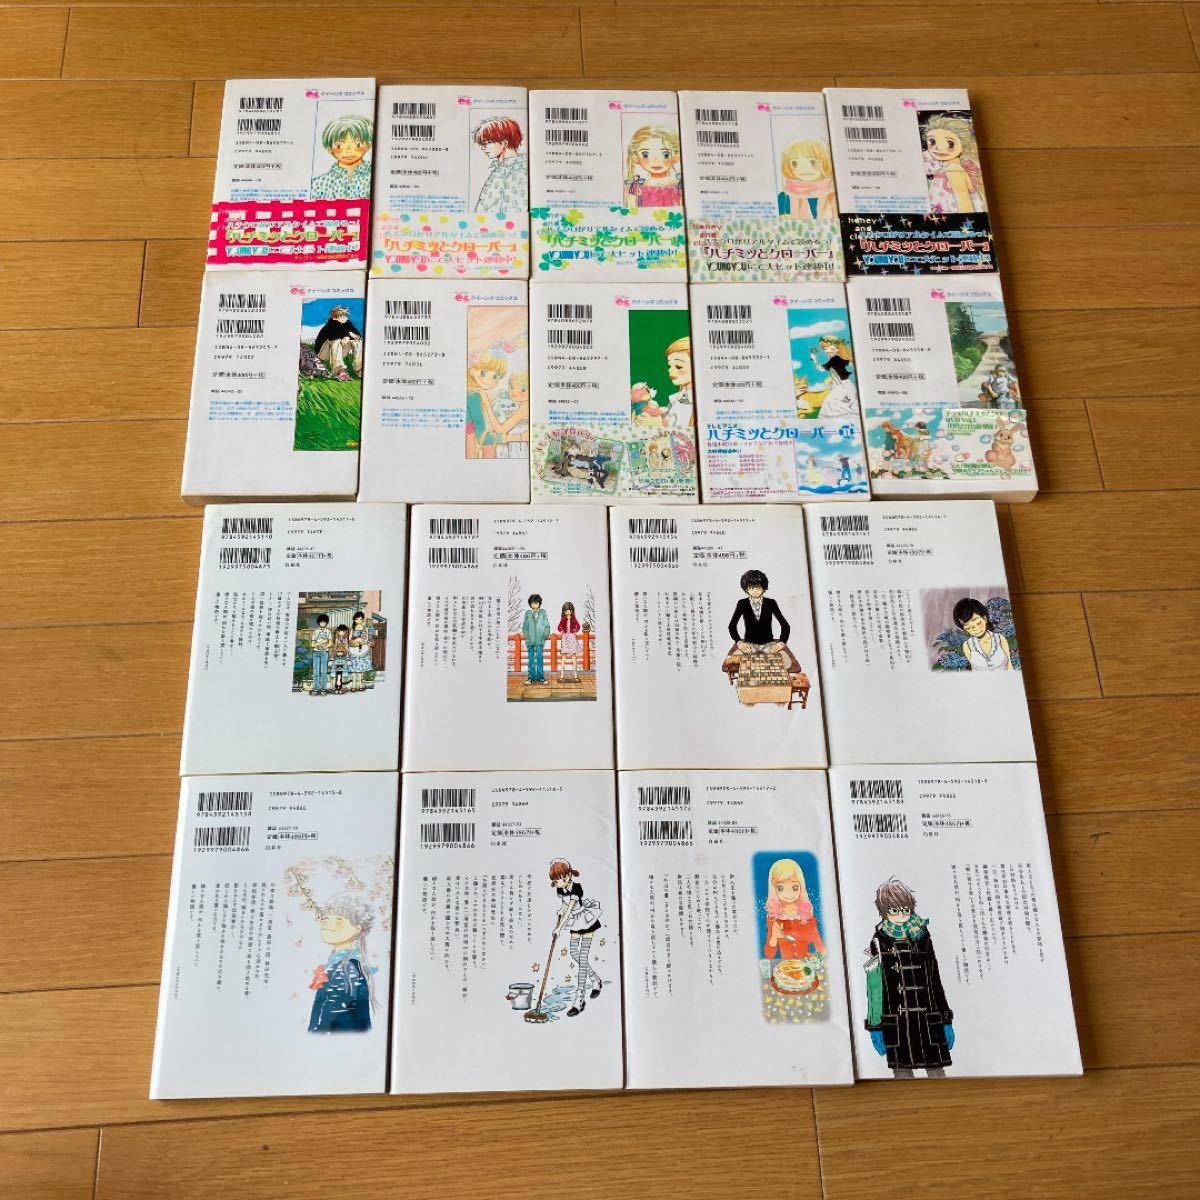 ハチミツとクローバー 1〜10巻、3月のライオン 1〜8巻 セット